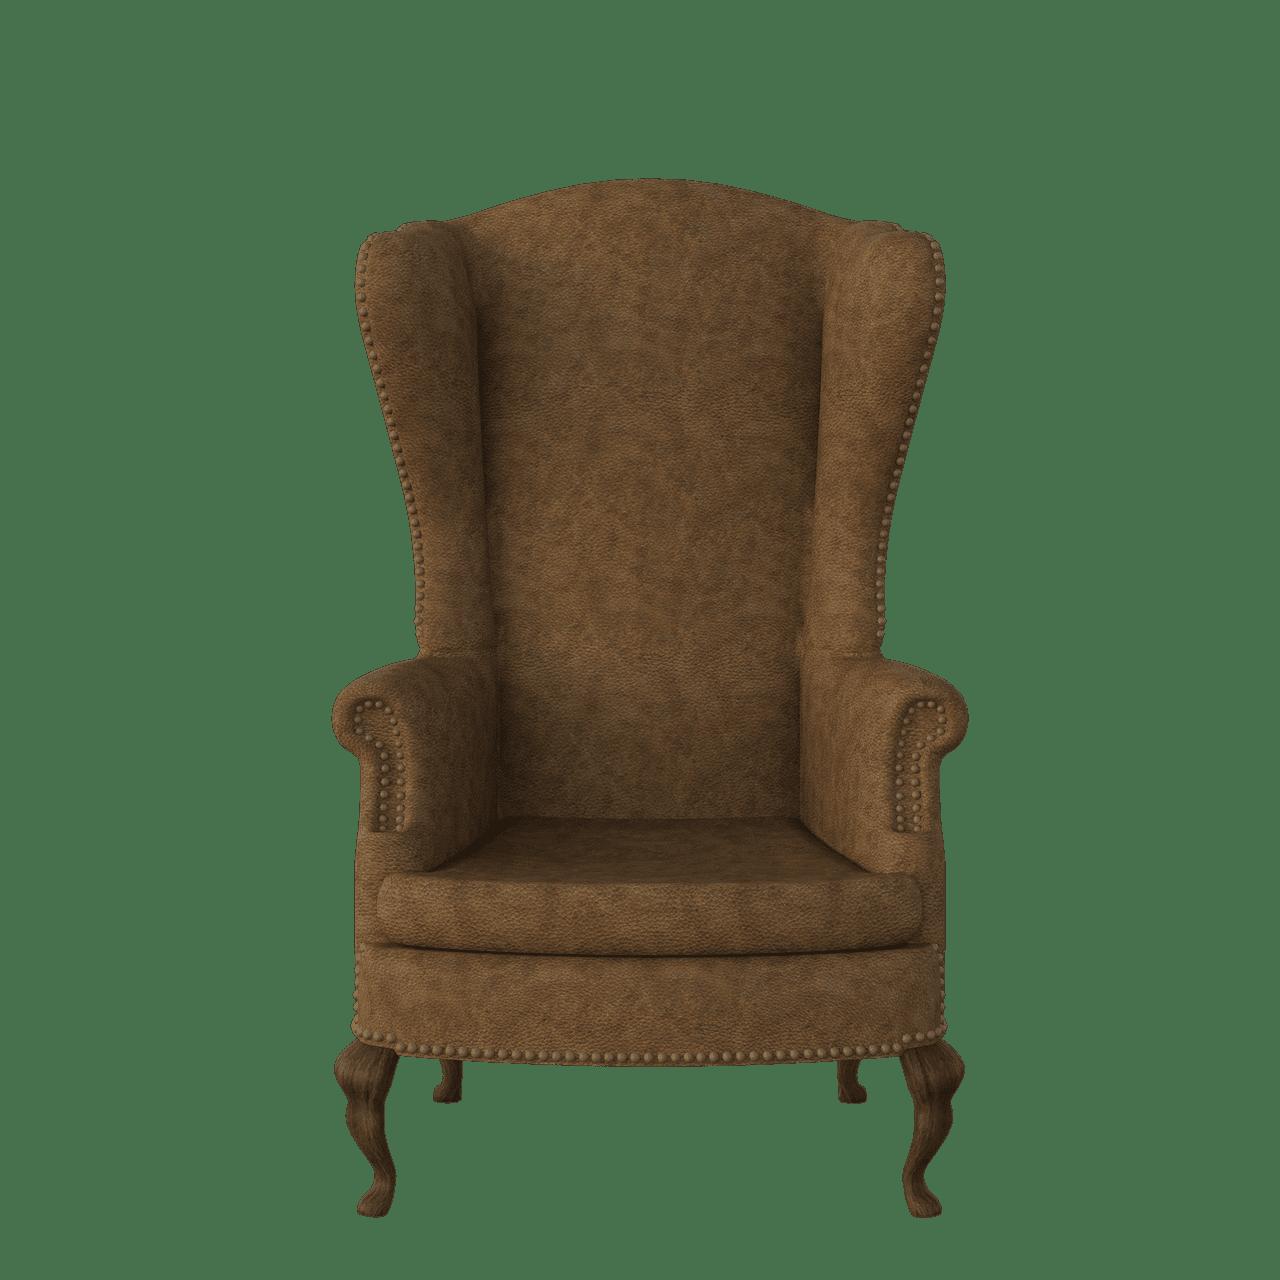 Designer Tall Golden Chair